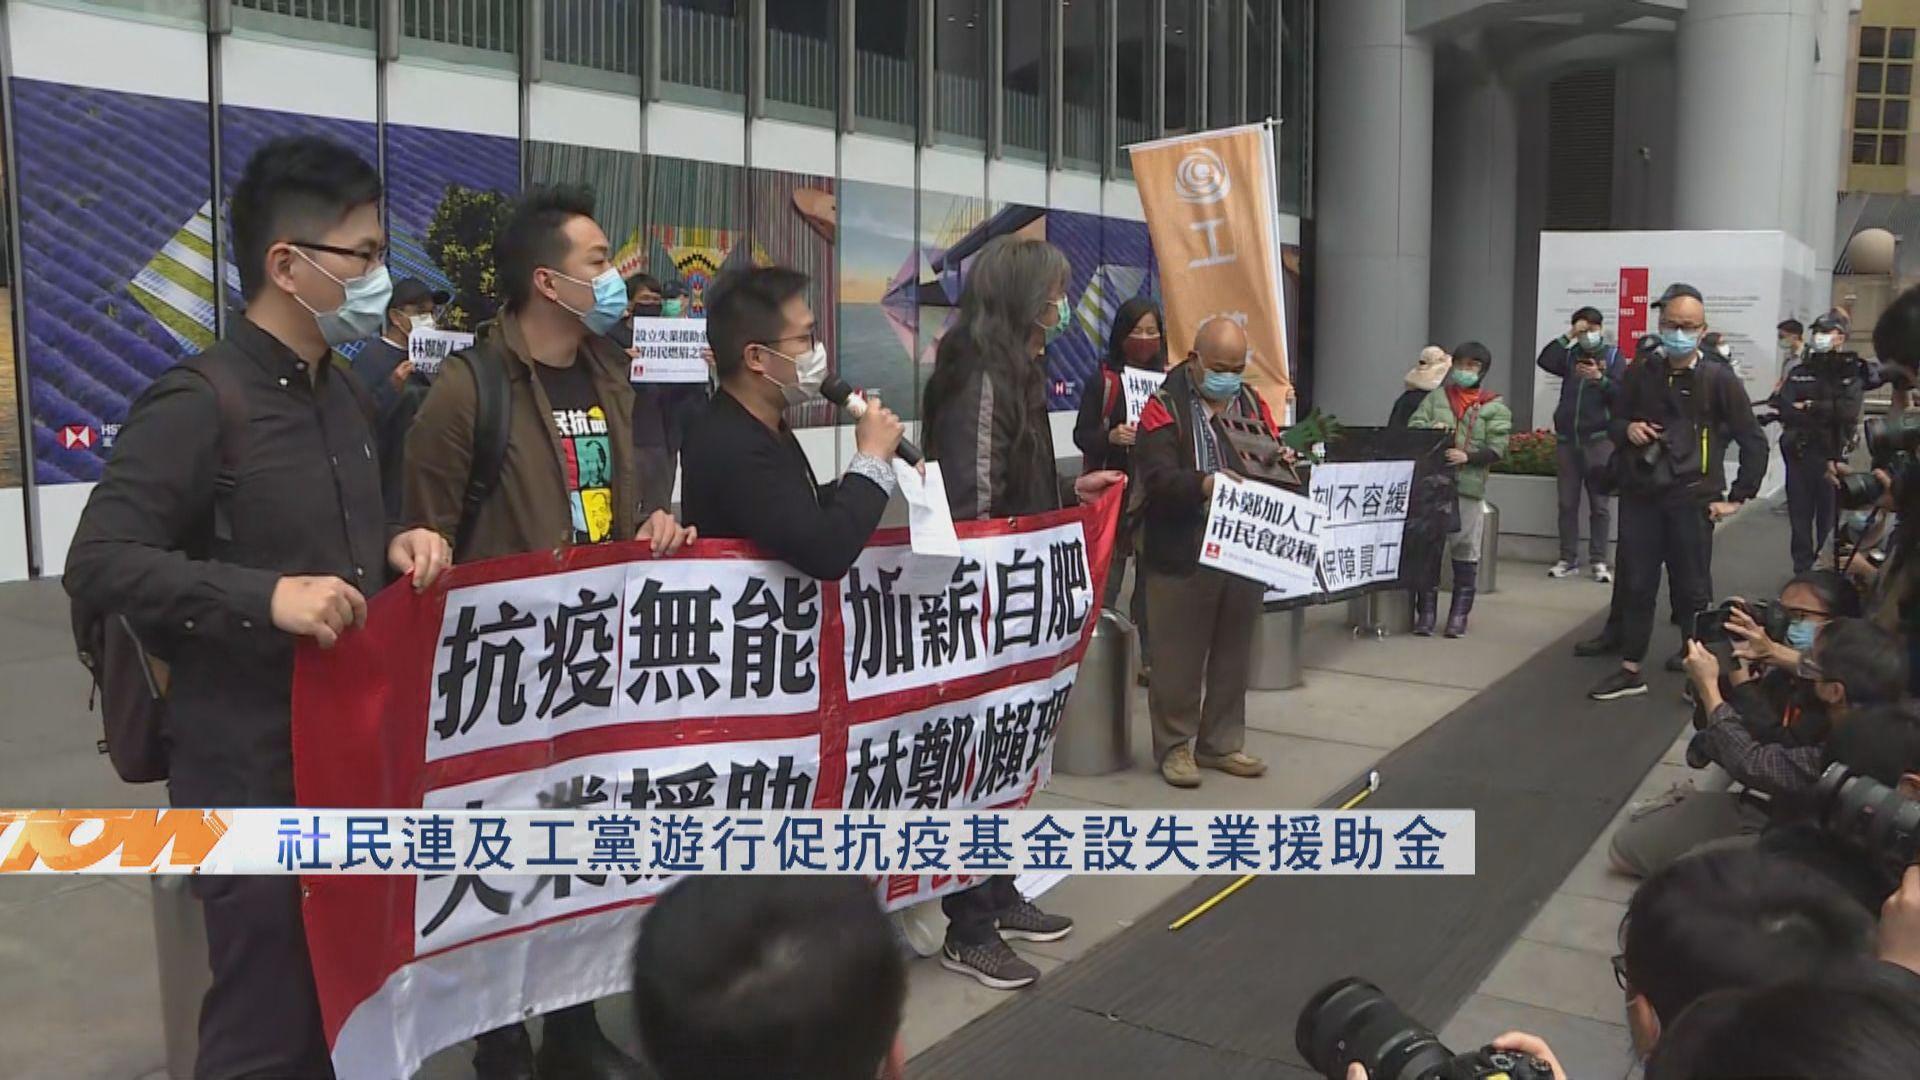 社民連及工黨遊行促抗疫基金設失業援助金